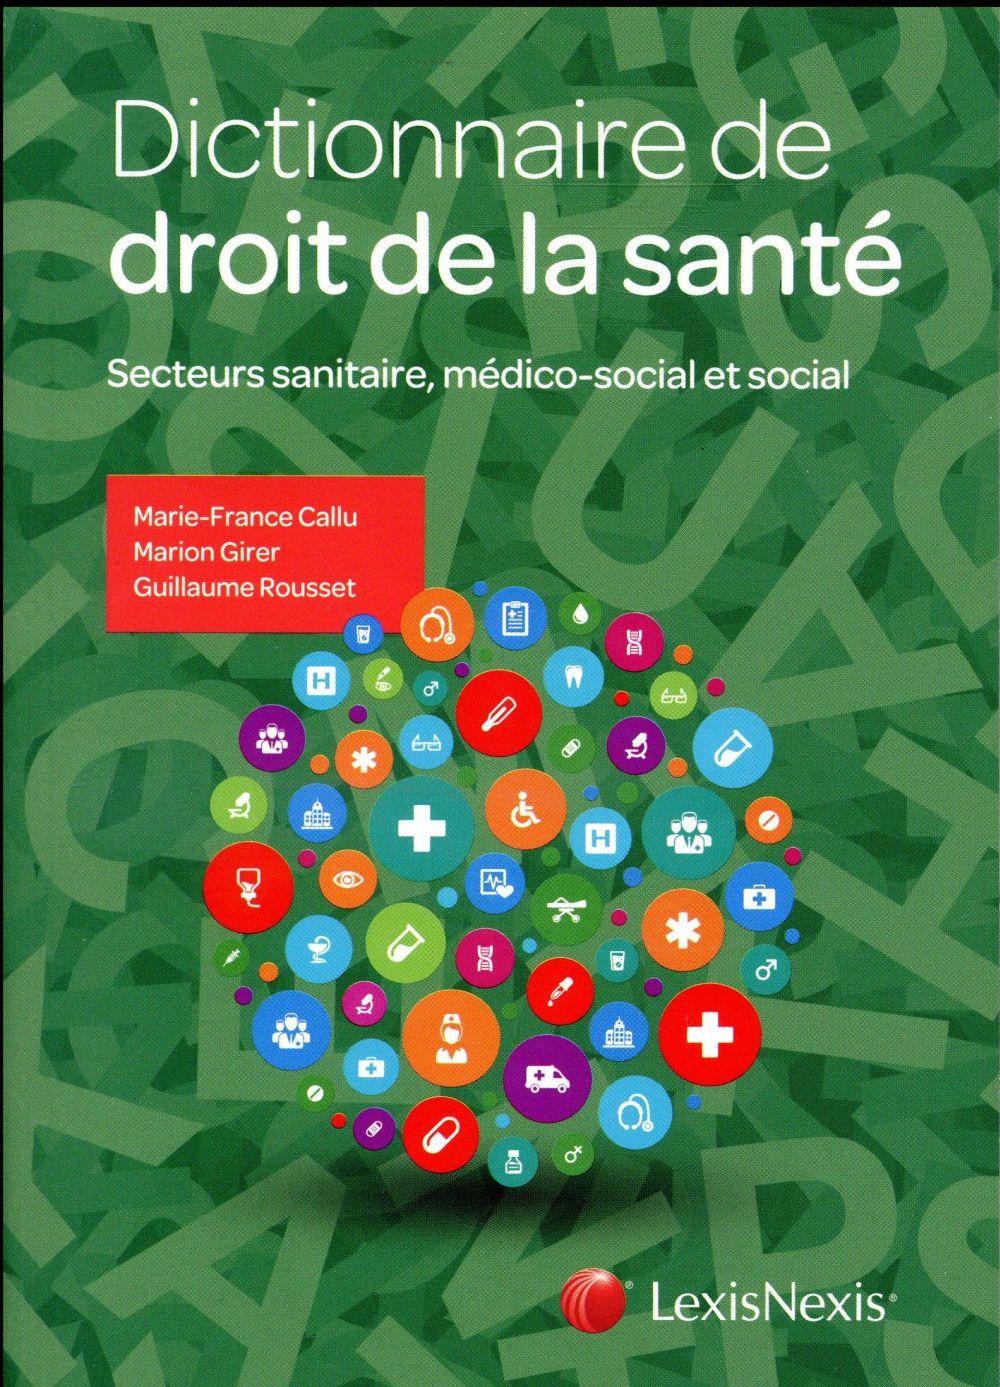 DICTIONNAIRE DE DROIT DE LA SANTE - SECTEURS SANITAIRE, MEDICO-SOCIAL ET SOCIAL